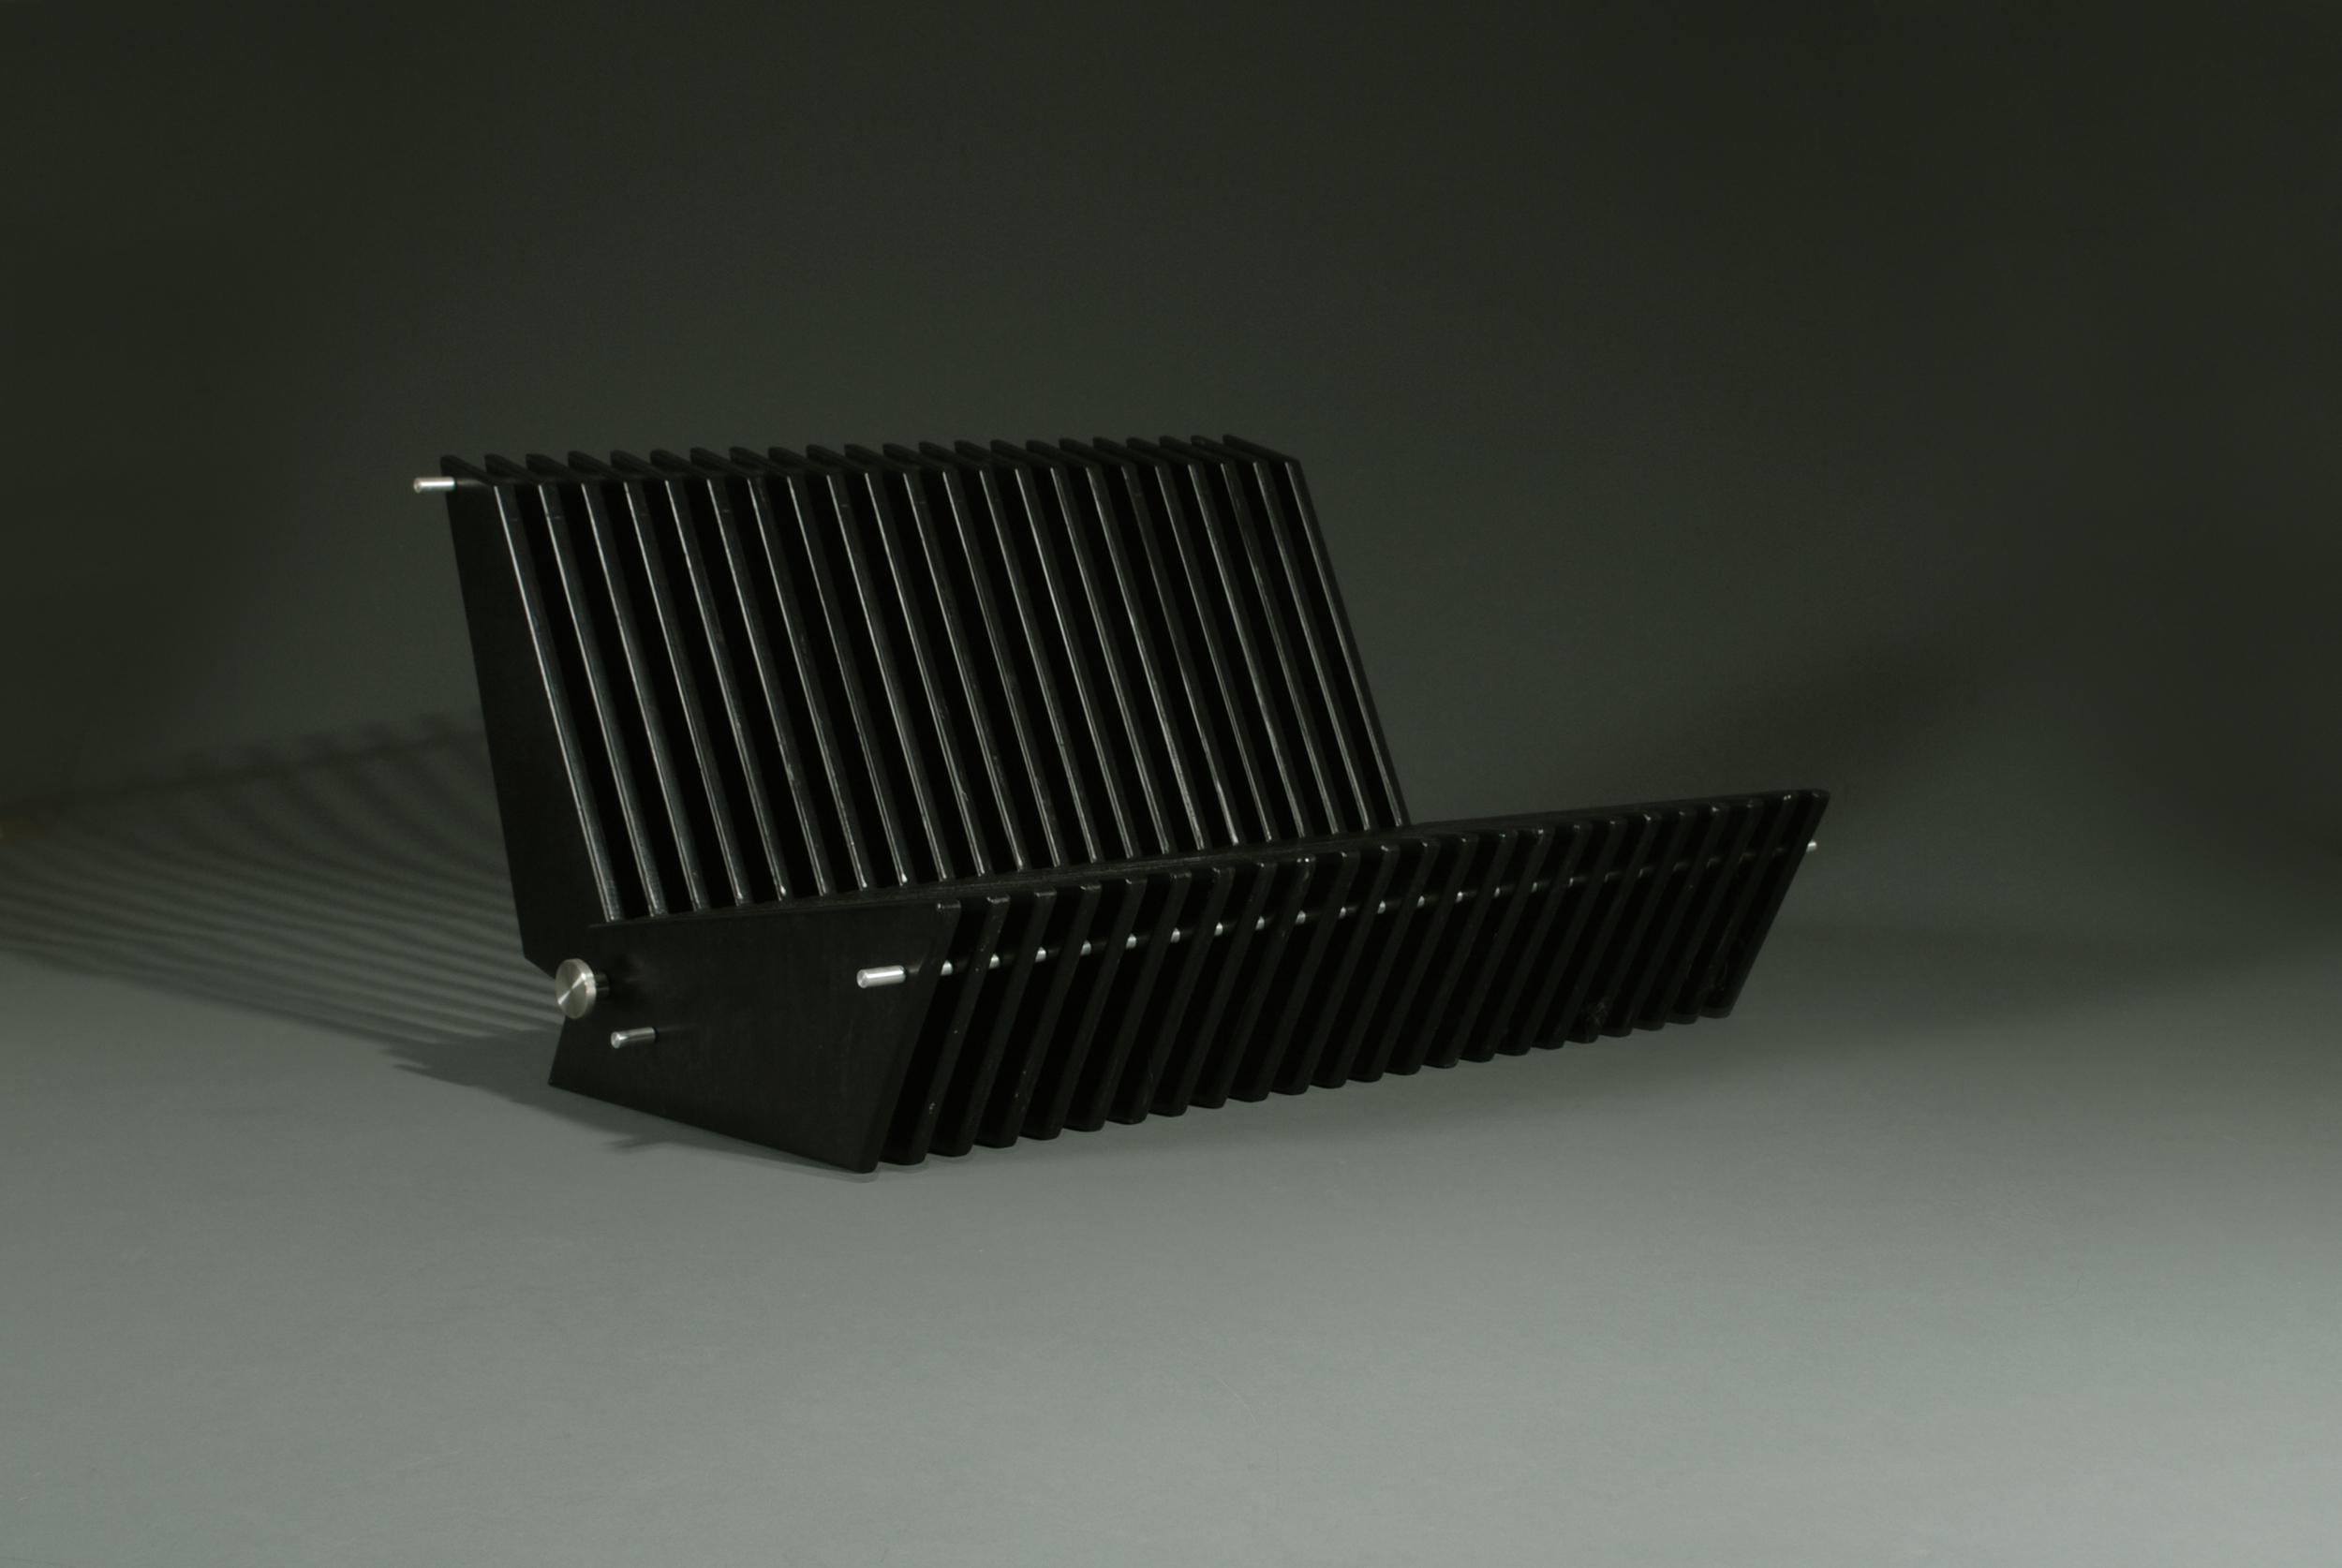 Shear Chair 3_4 3.jpg